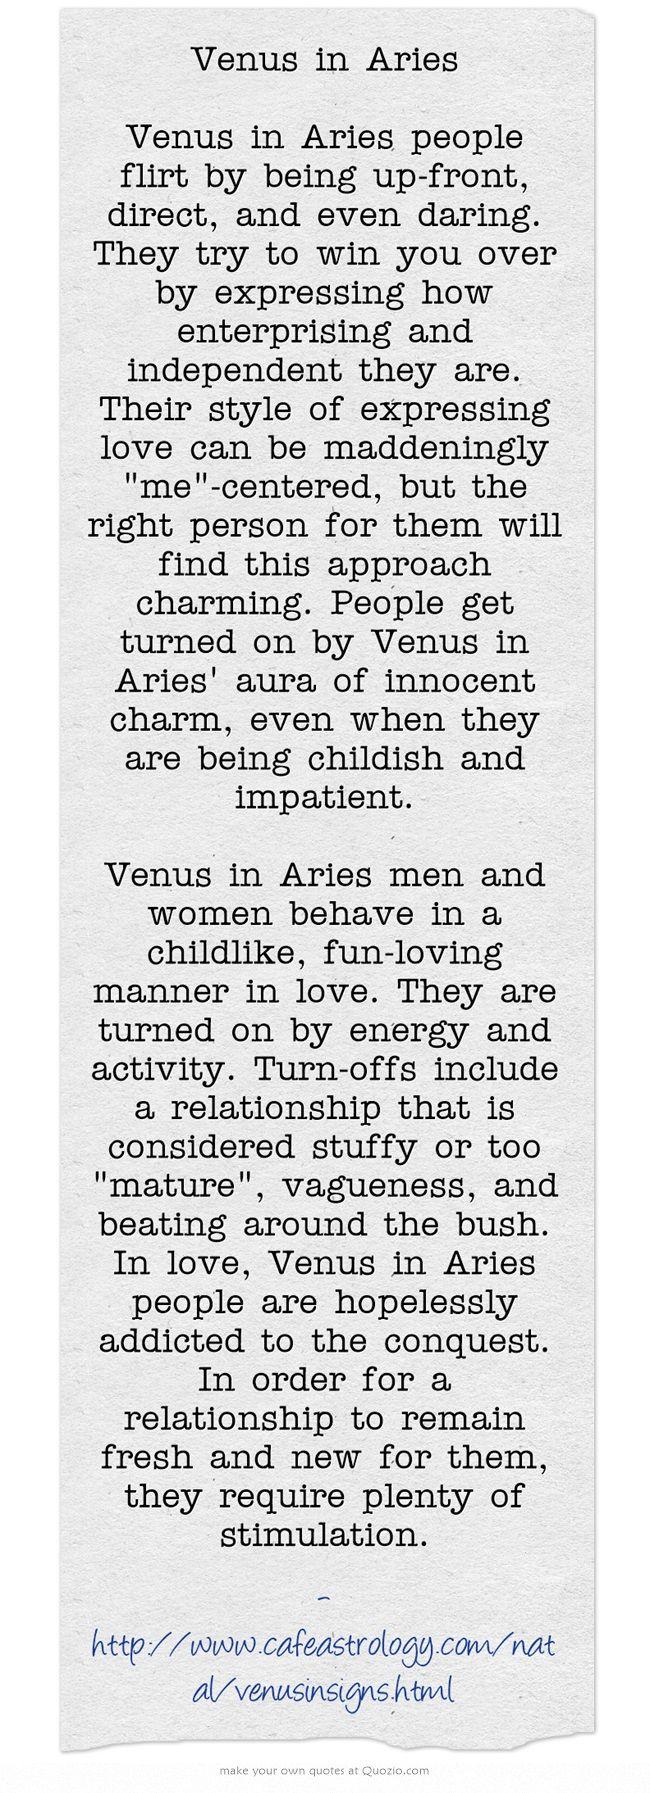 horoskop flirten